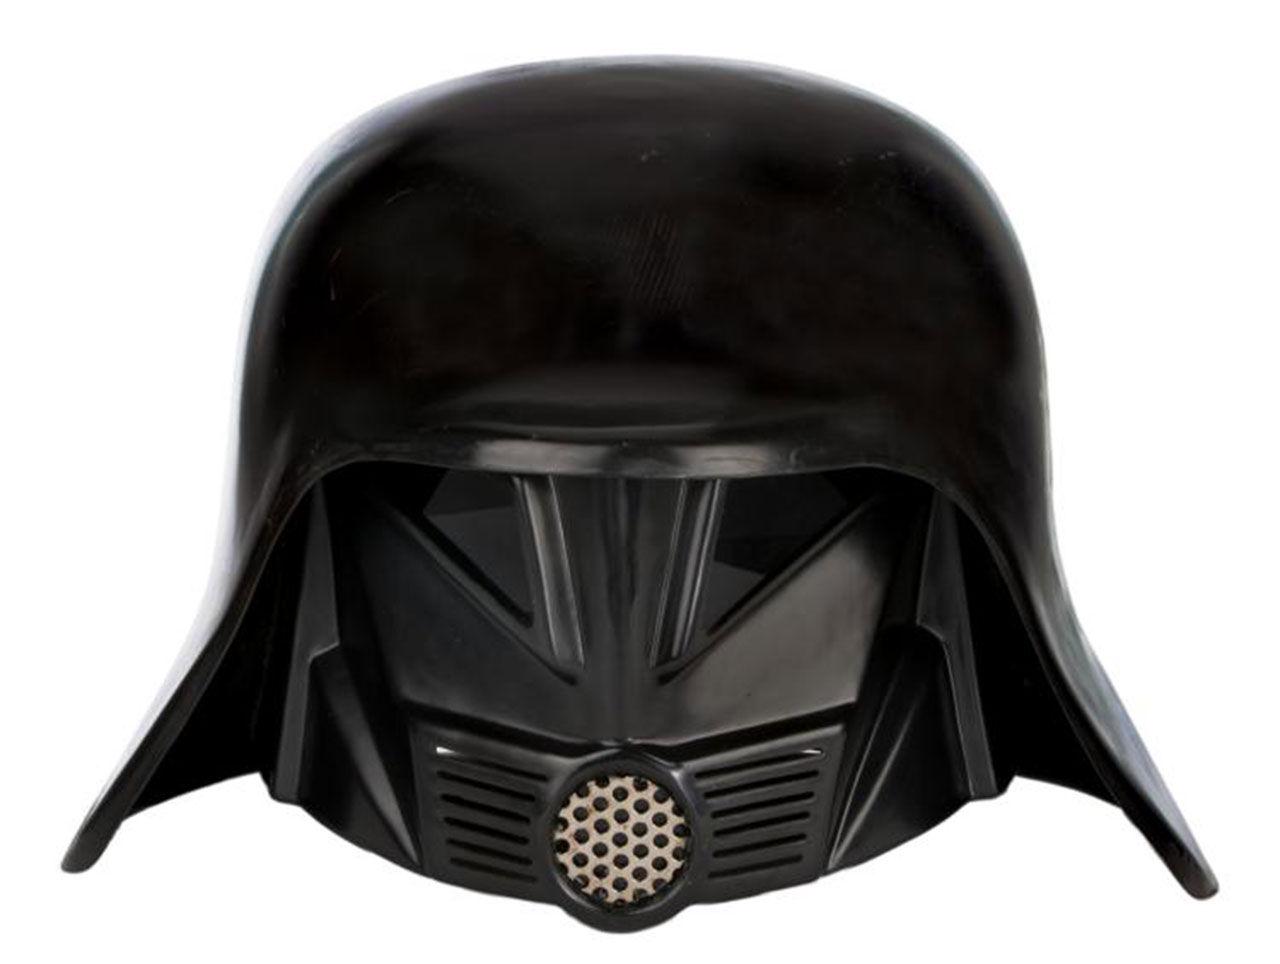 Köp Darth Vader-hjälmen från Spaceballs